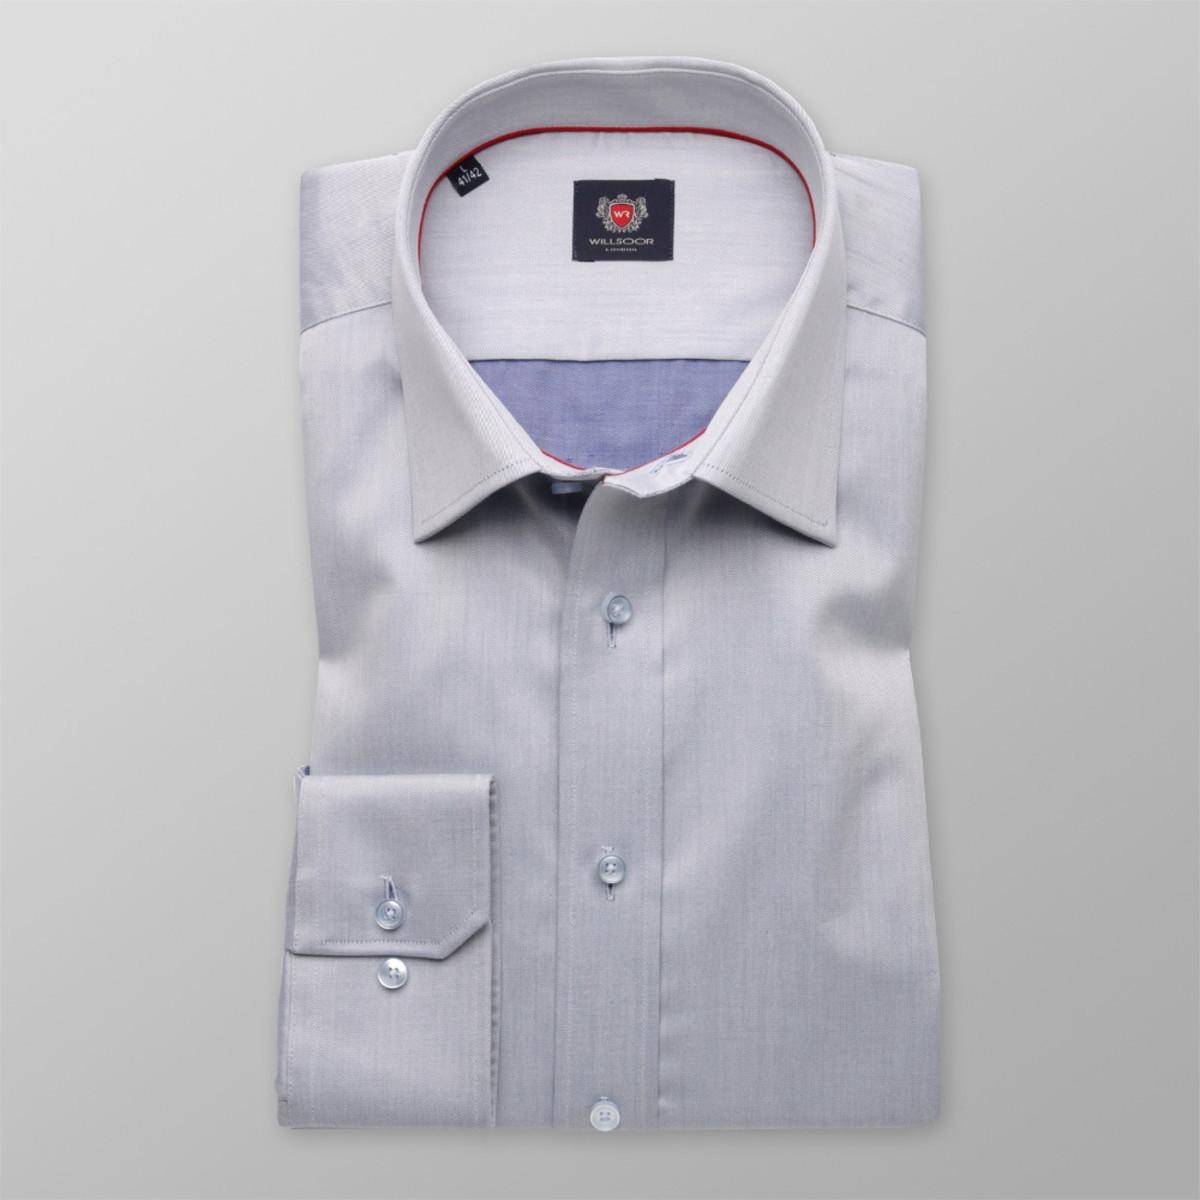 Pánska slim fit košele London (výška 176-182) 8755 v šedé farbe s úpravou easy starostlivosť 176-182 / M (39/40)